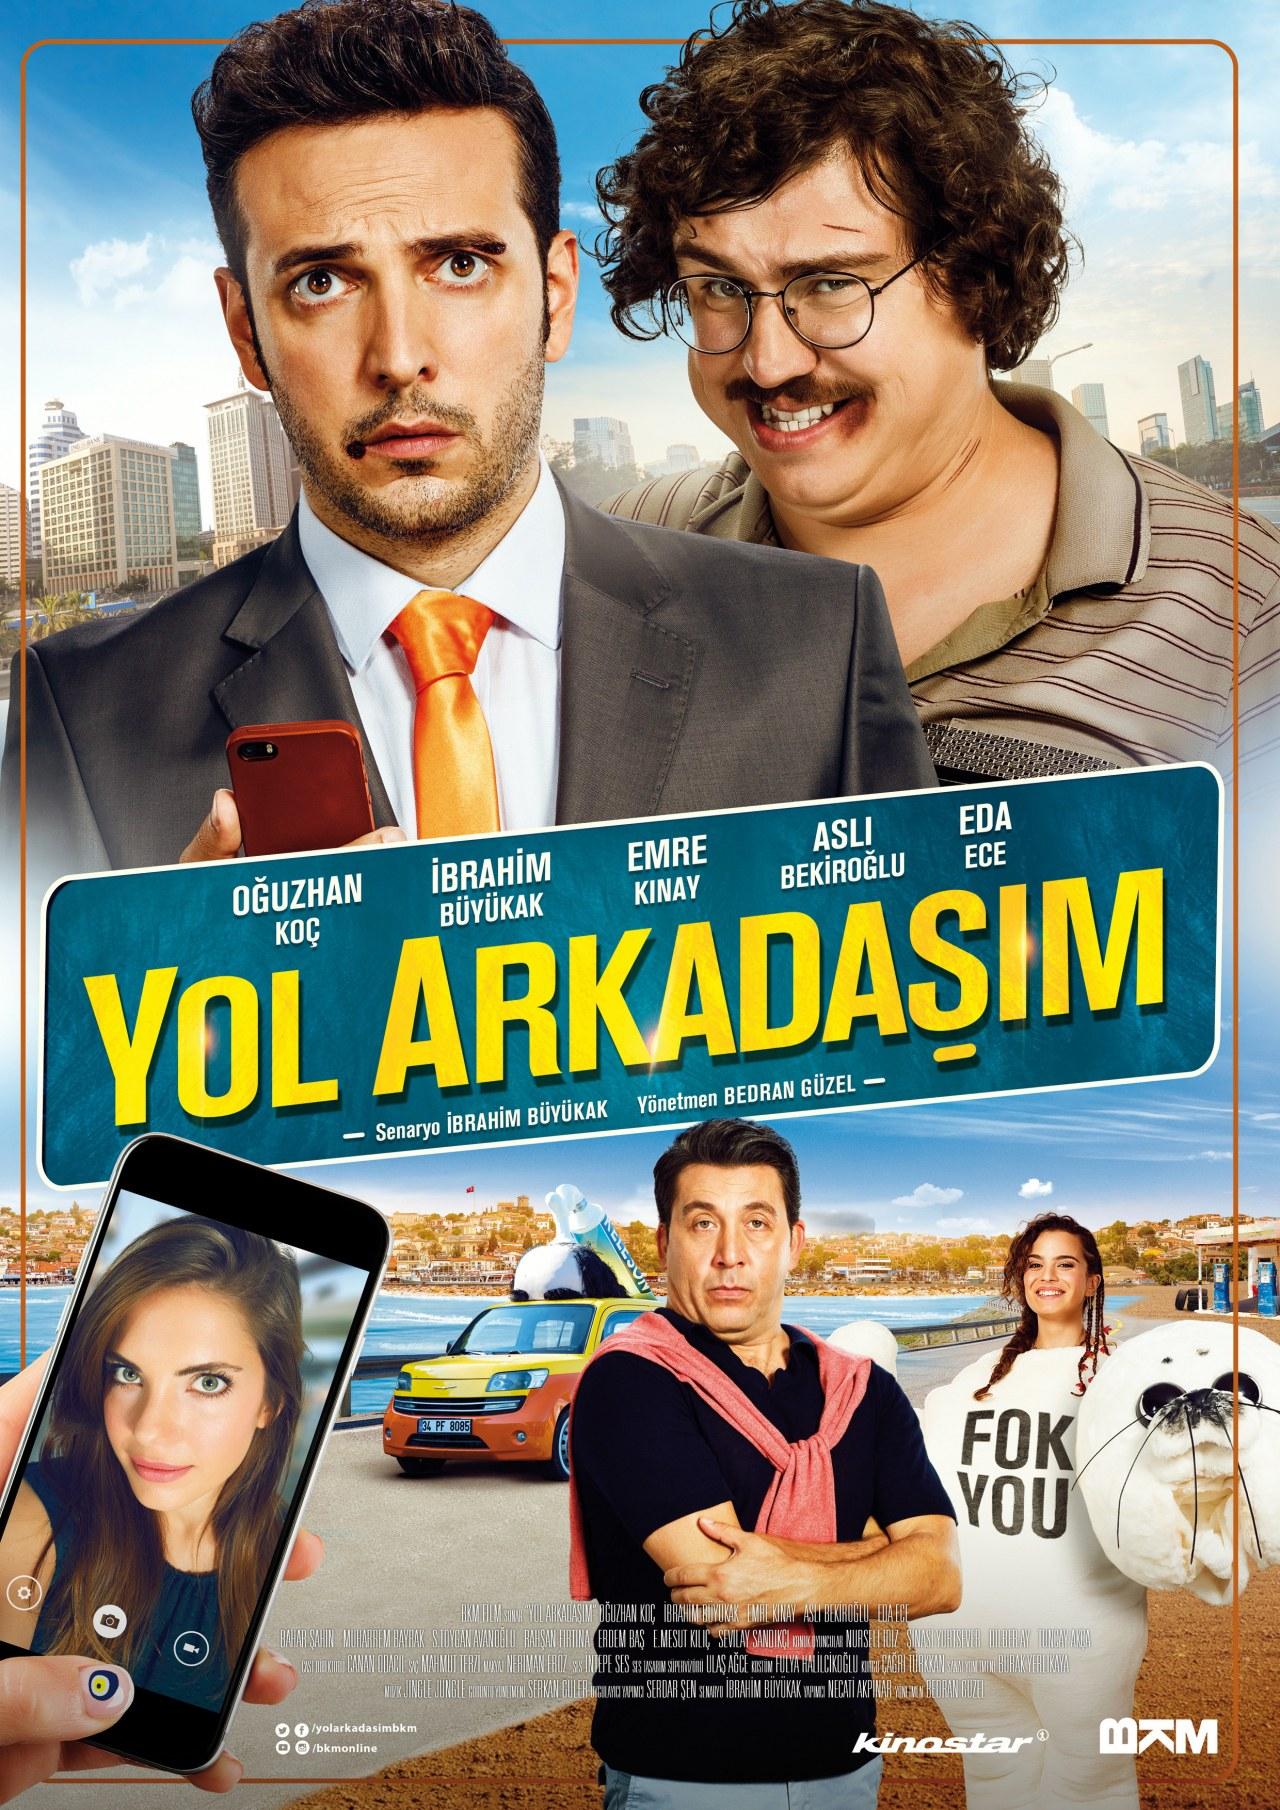 Yol Arkadasim - Bild 1